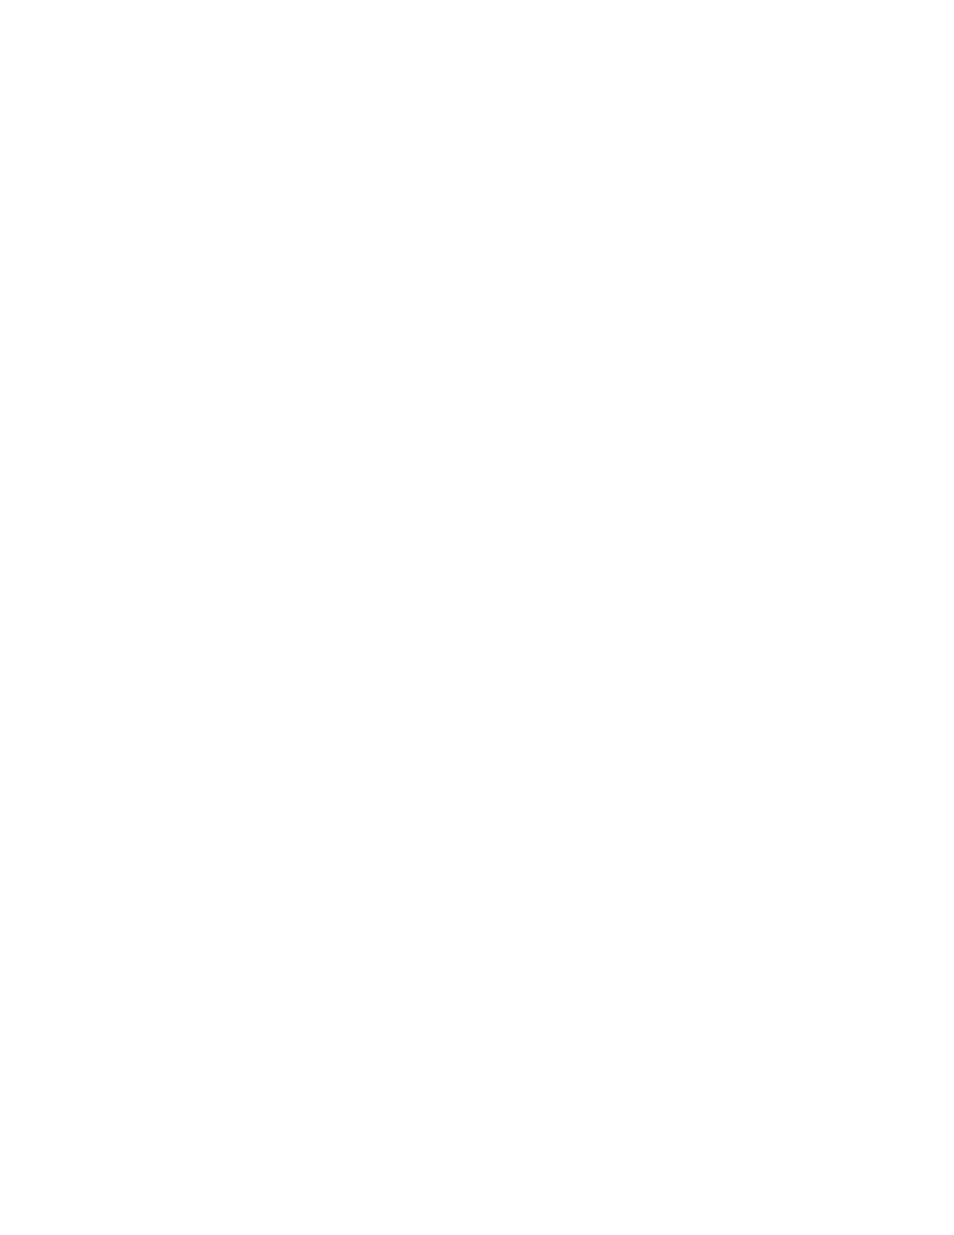 cub cadet cc500 manual